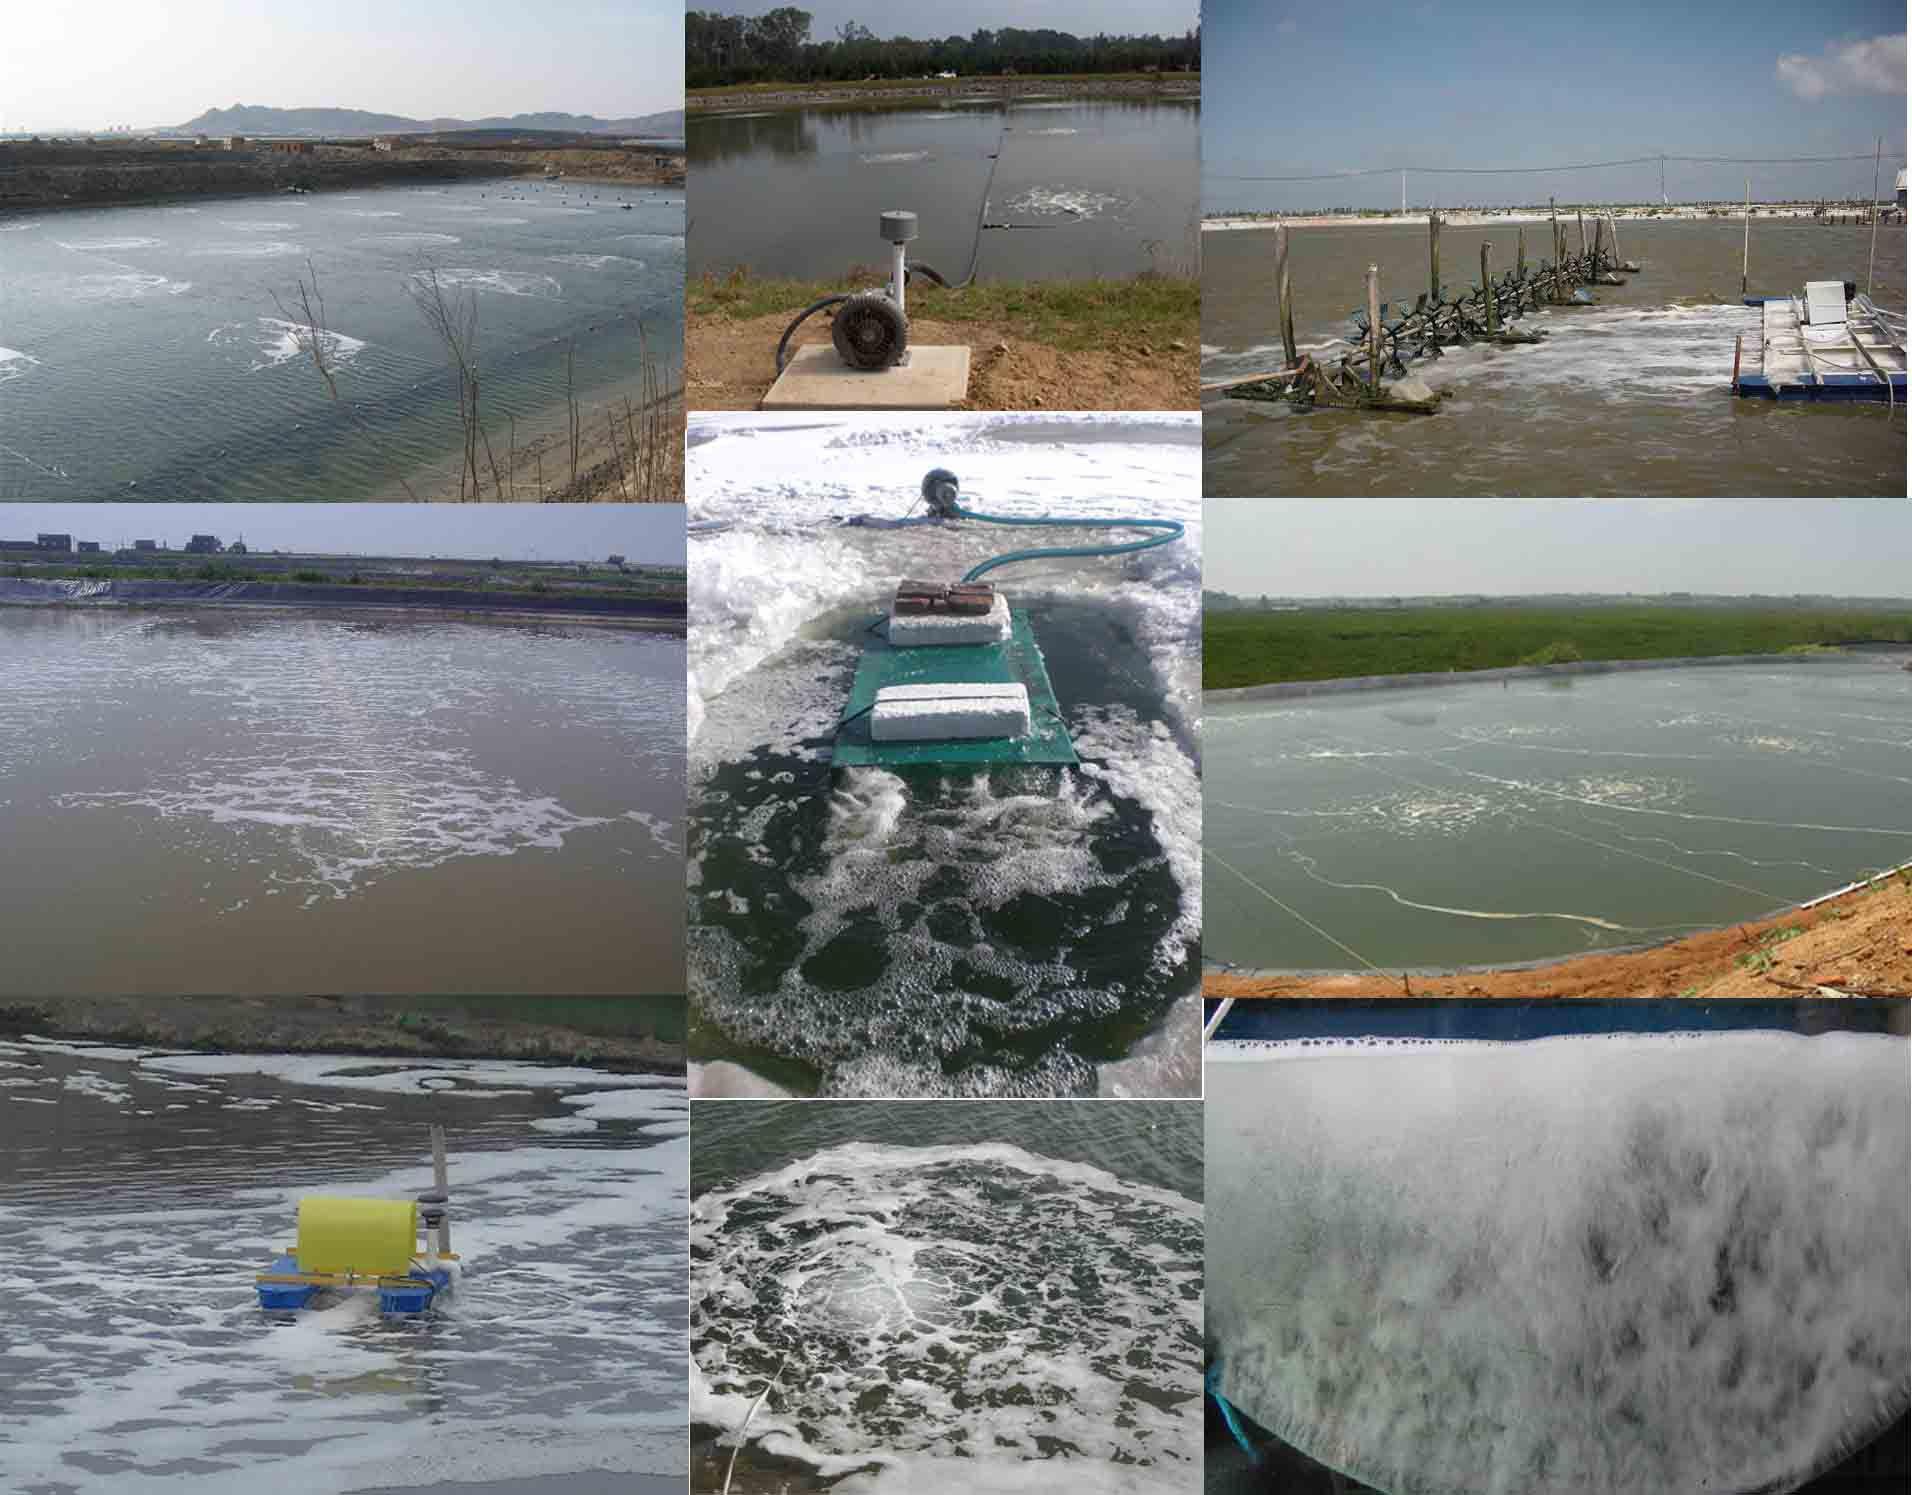 污水處理氣環式漩渦氣泵  深水曝氣側流式高壓風機  鼓泡旋渦風機   15kw大功率高壓風機示例圖15